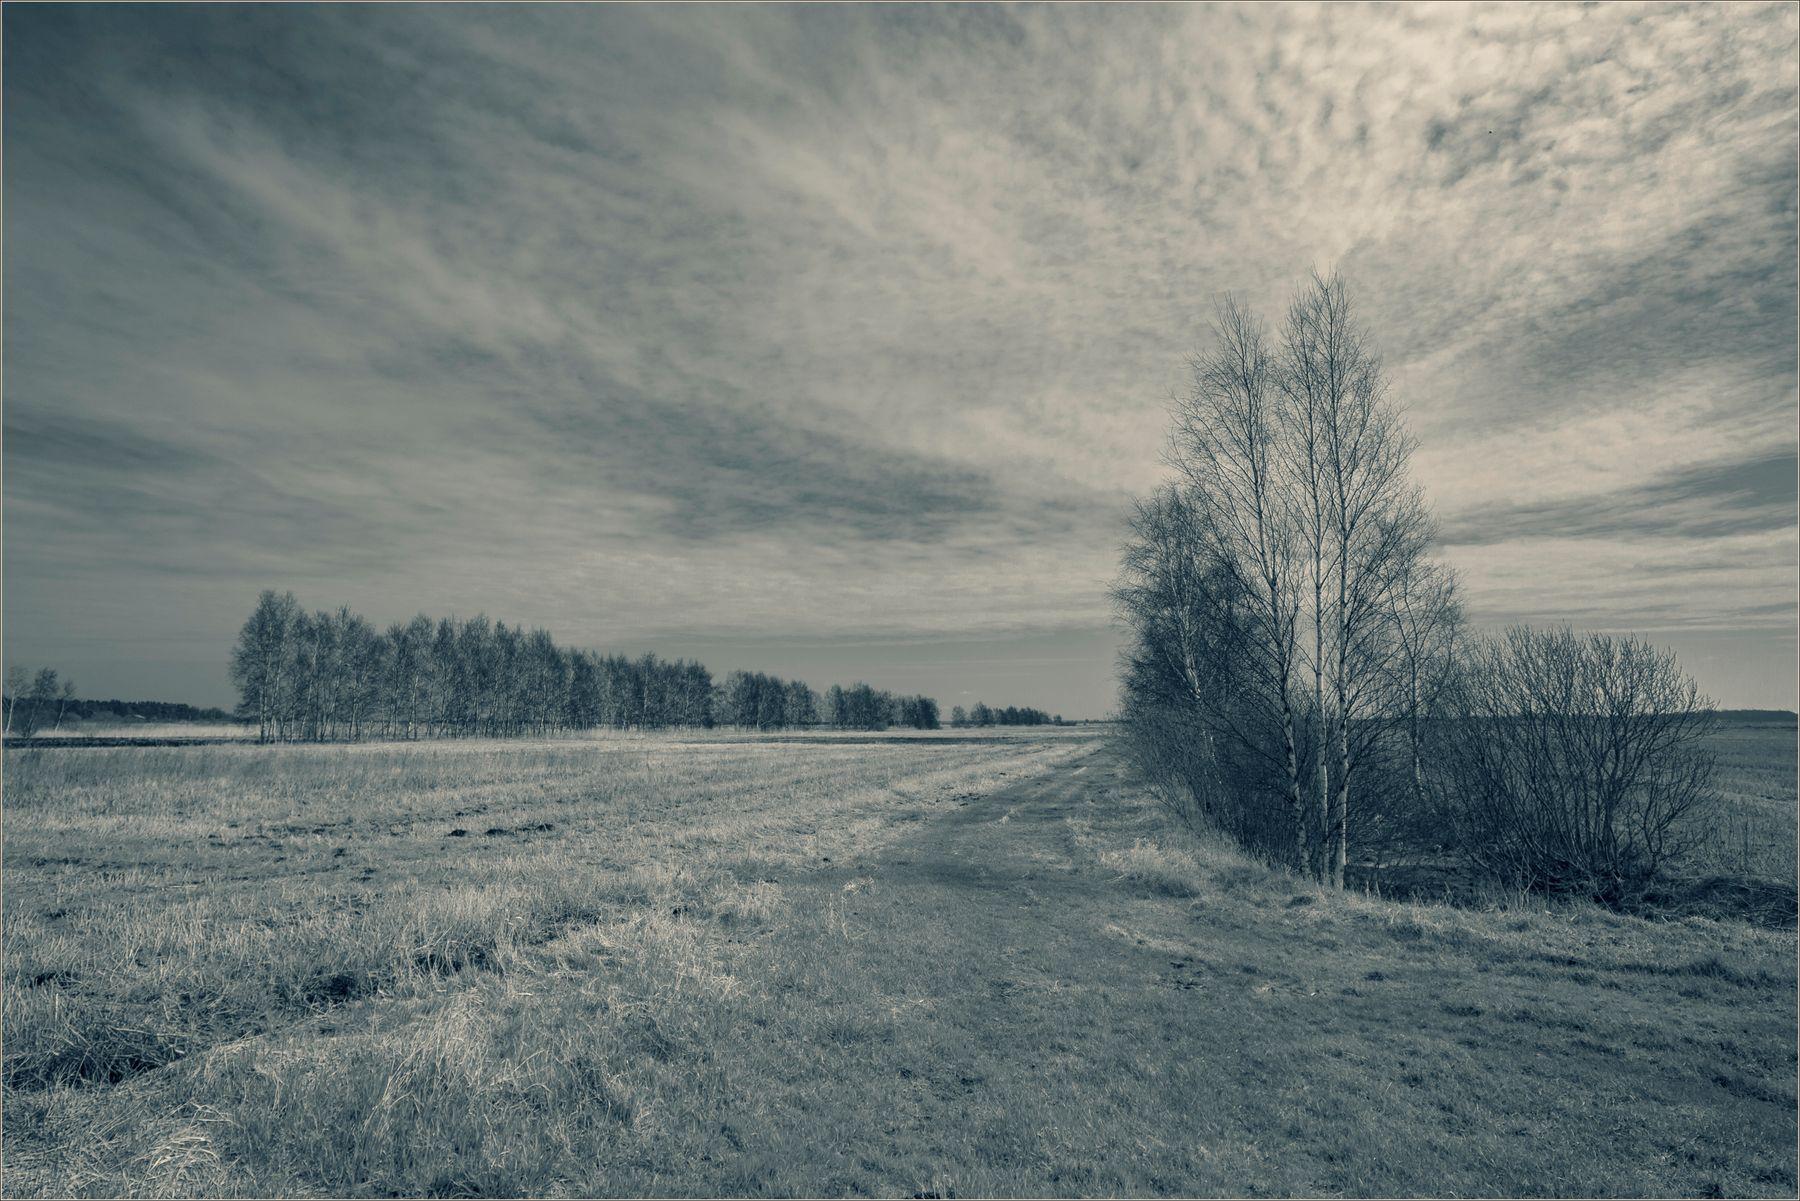 Молодая заря новый день обещая, серебристой росой, покрывает луга.